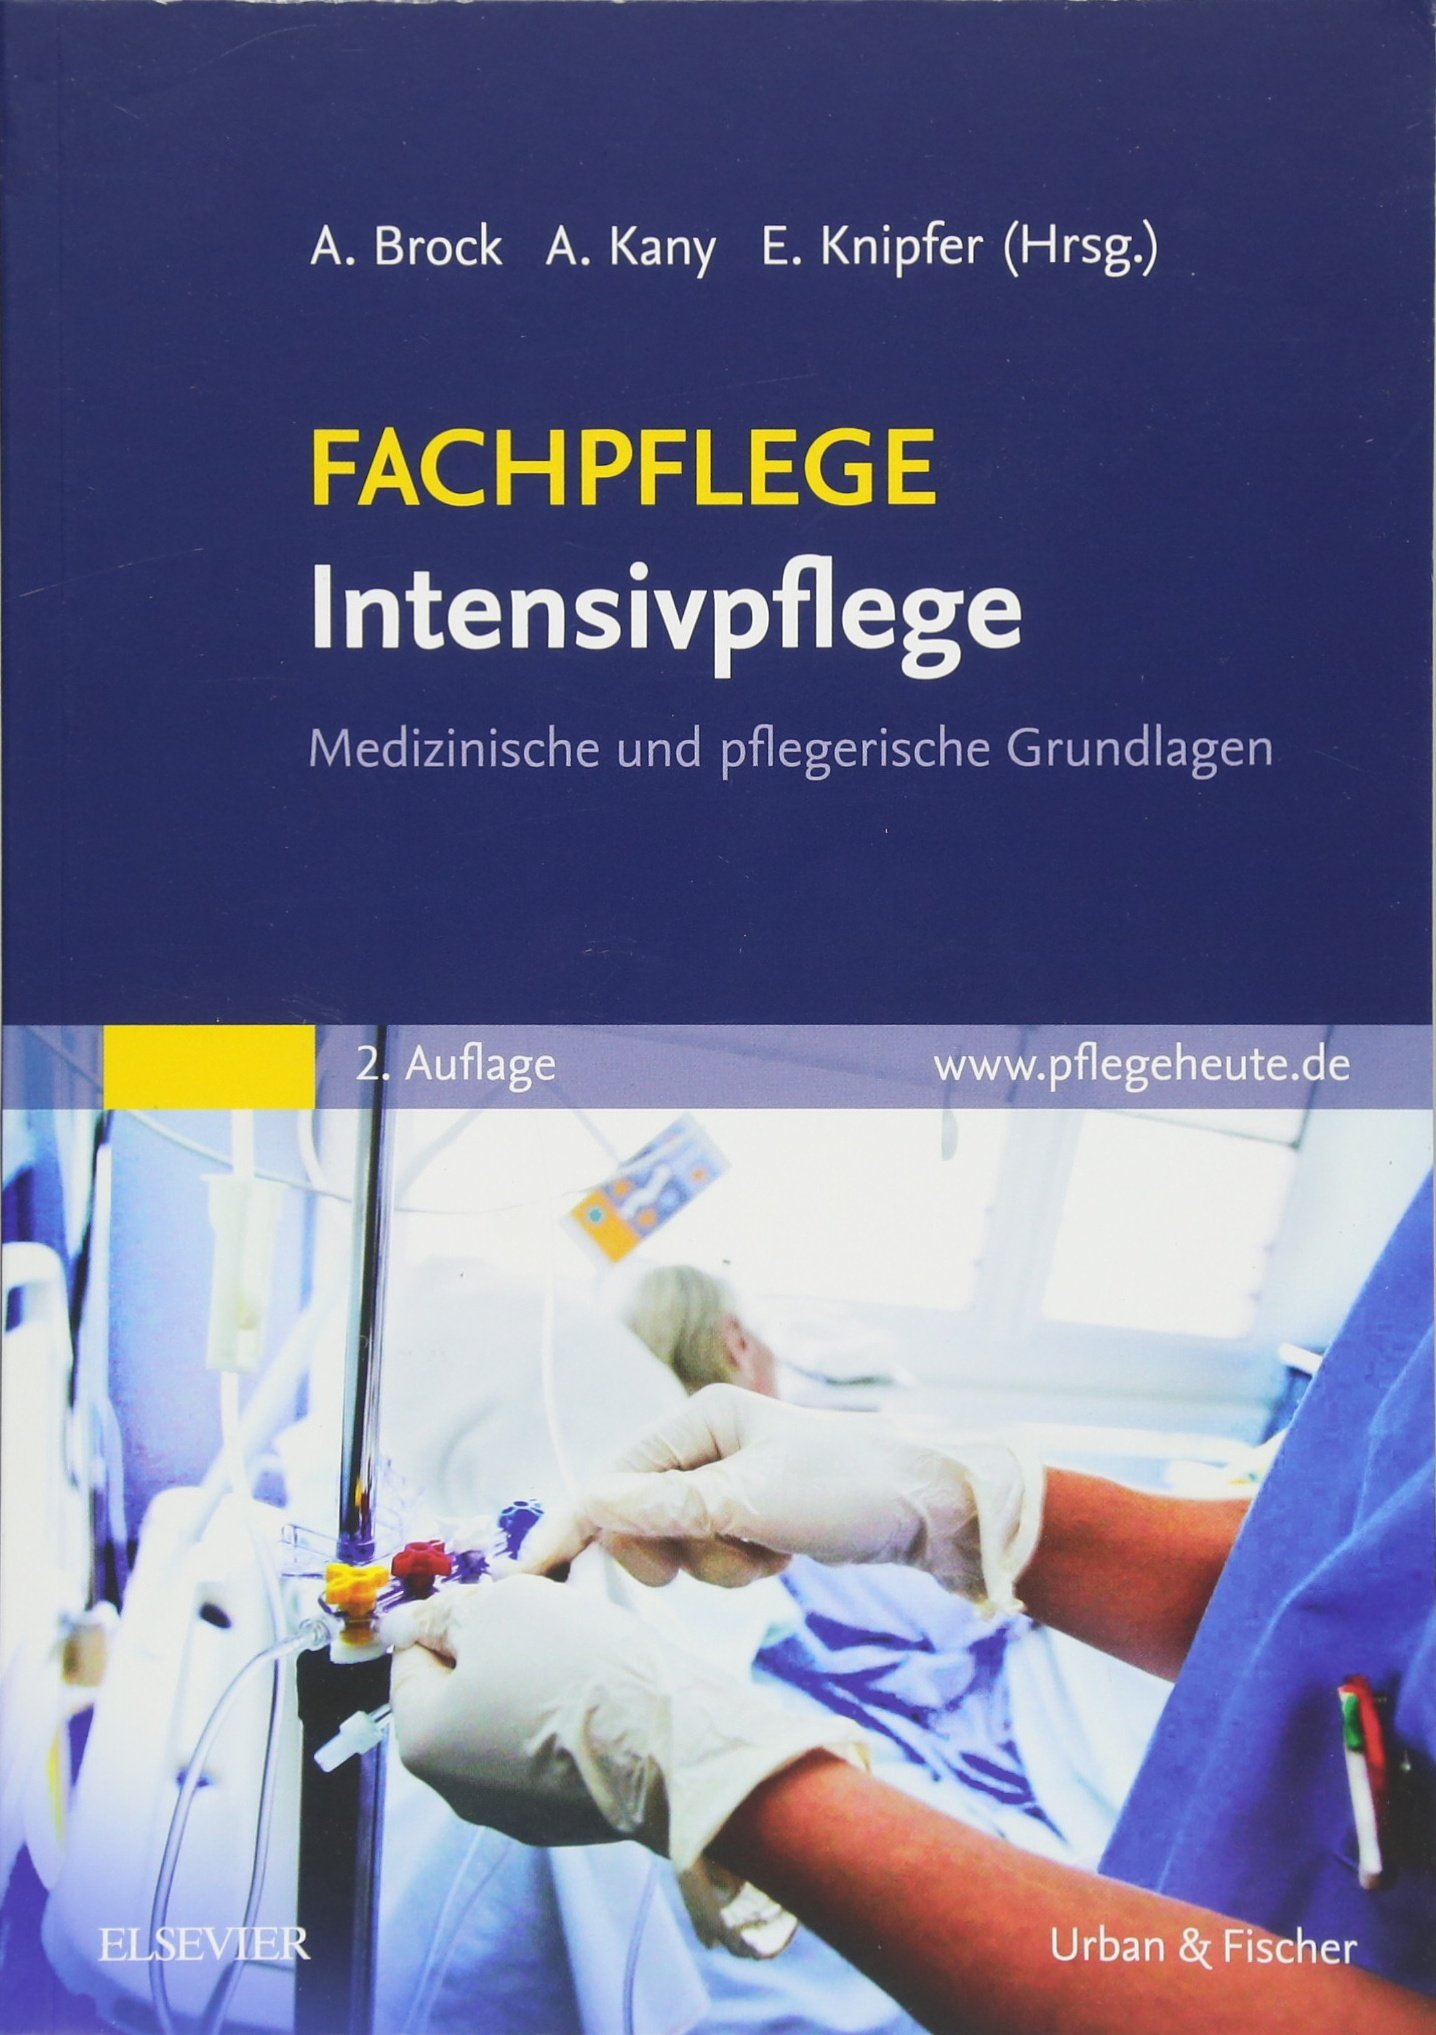 FACHPFLEGE Intensivpflege: Medizinische und pflegerische Grundlagen